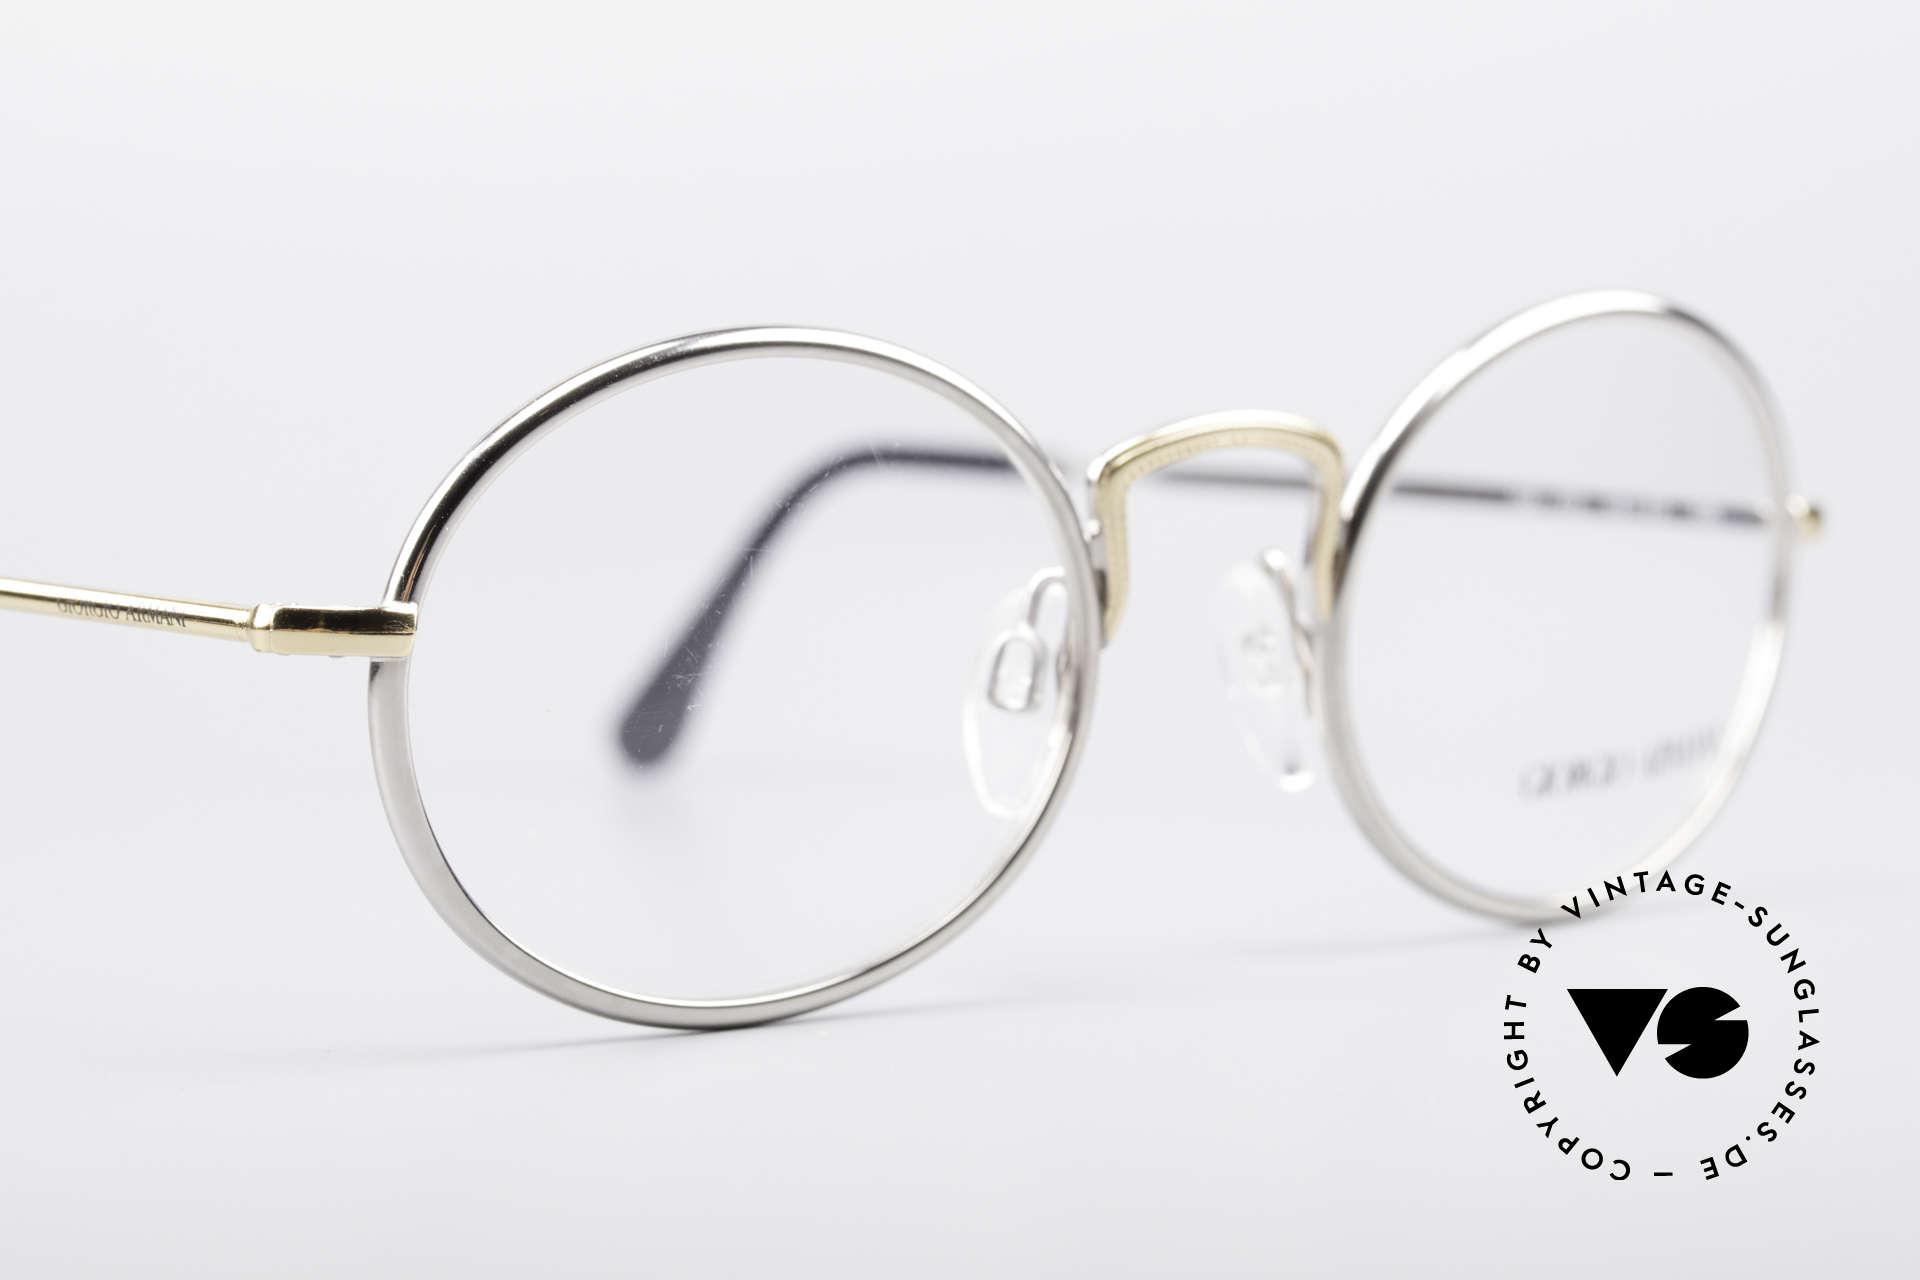 Giorgio Armani 156 Ovale Vintage Brille, keine aktuelle Kollektion, sondern alte Originalware!, Passend für Herren und Damen